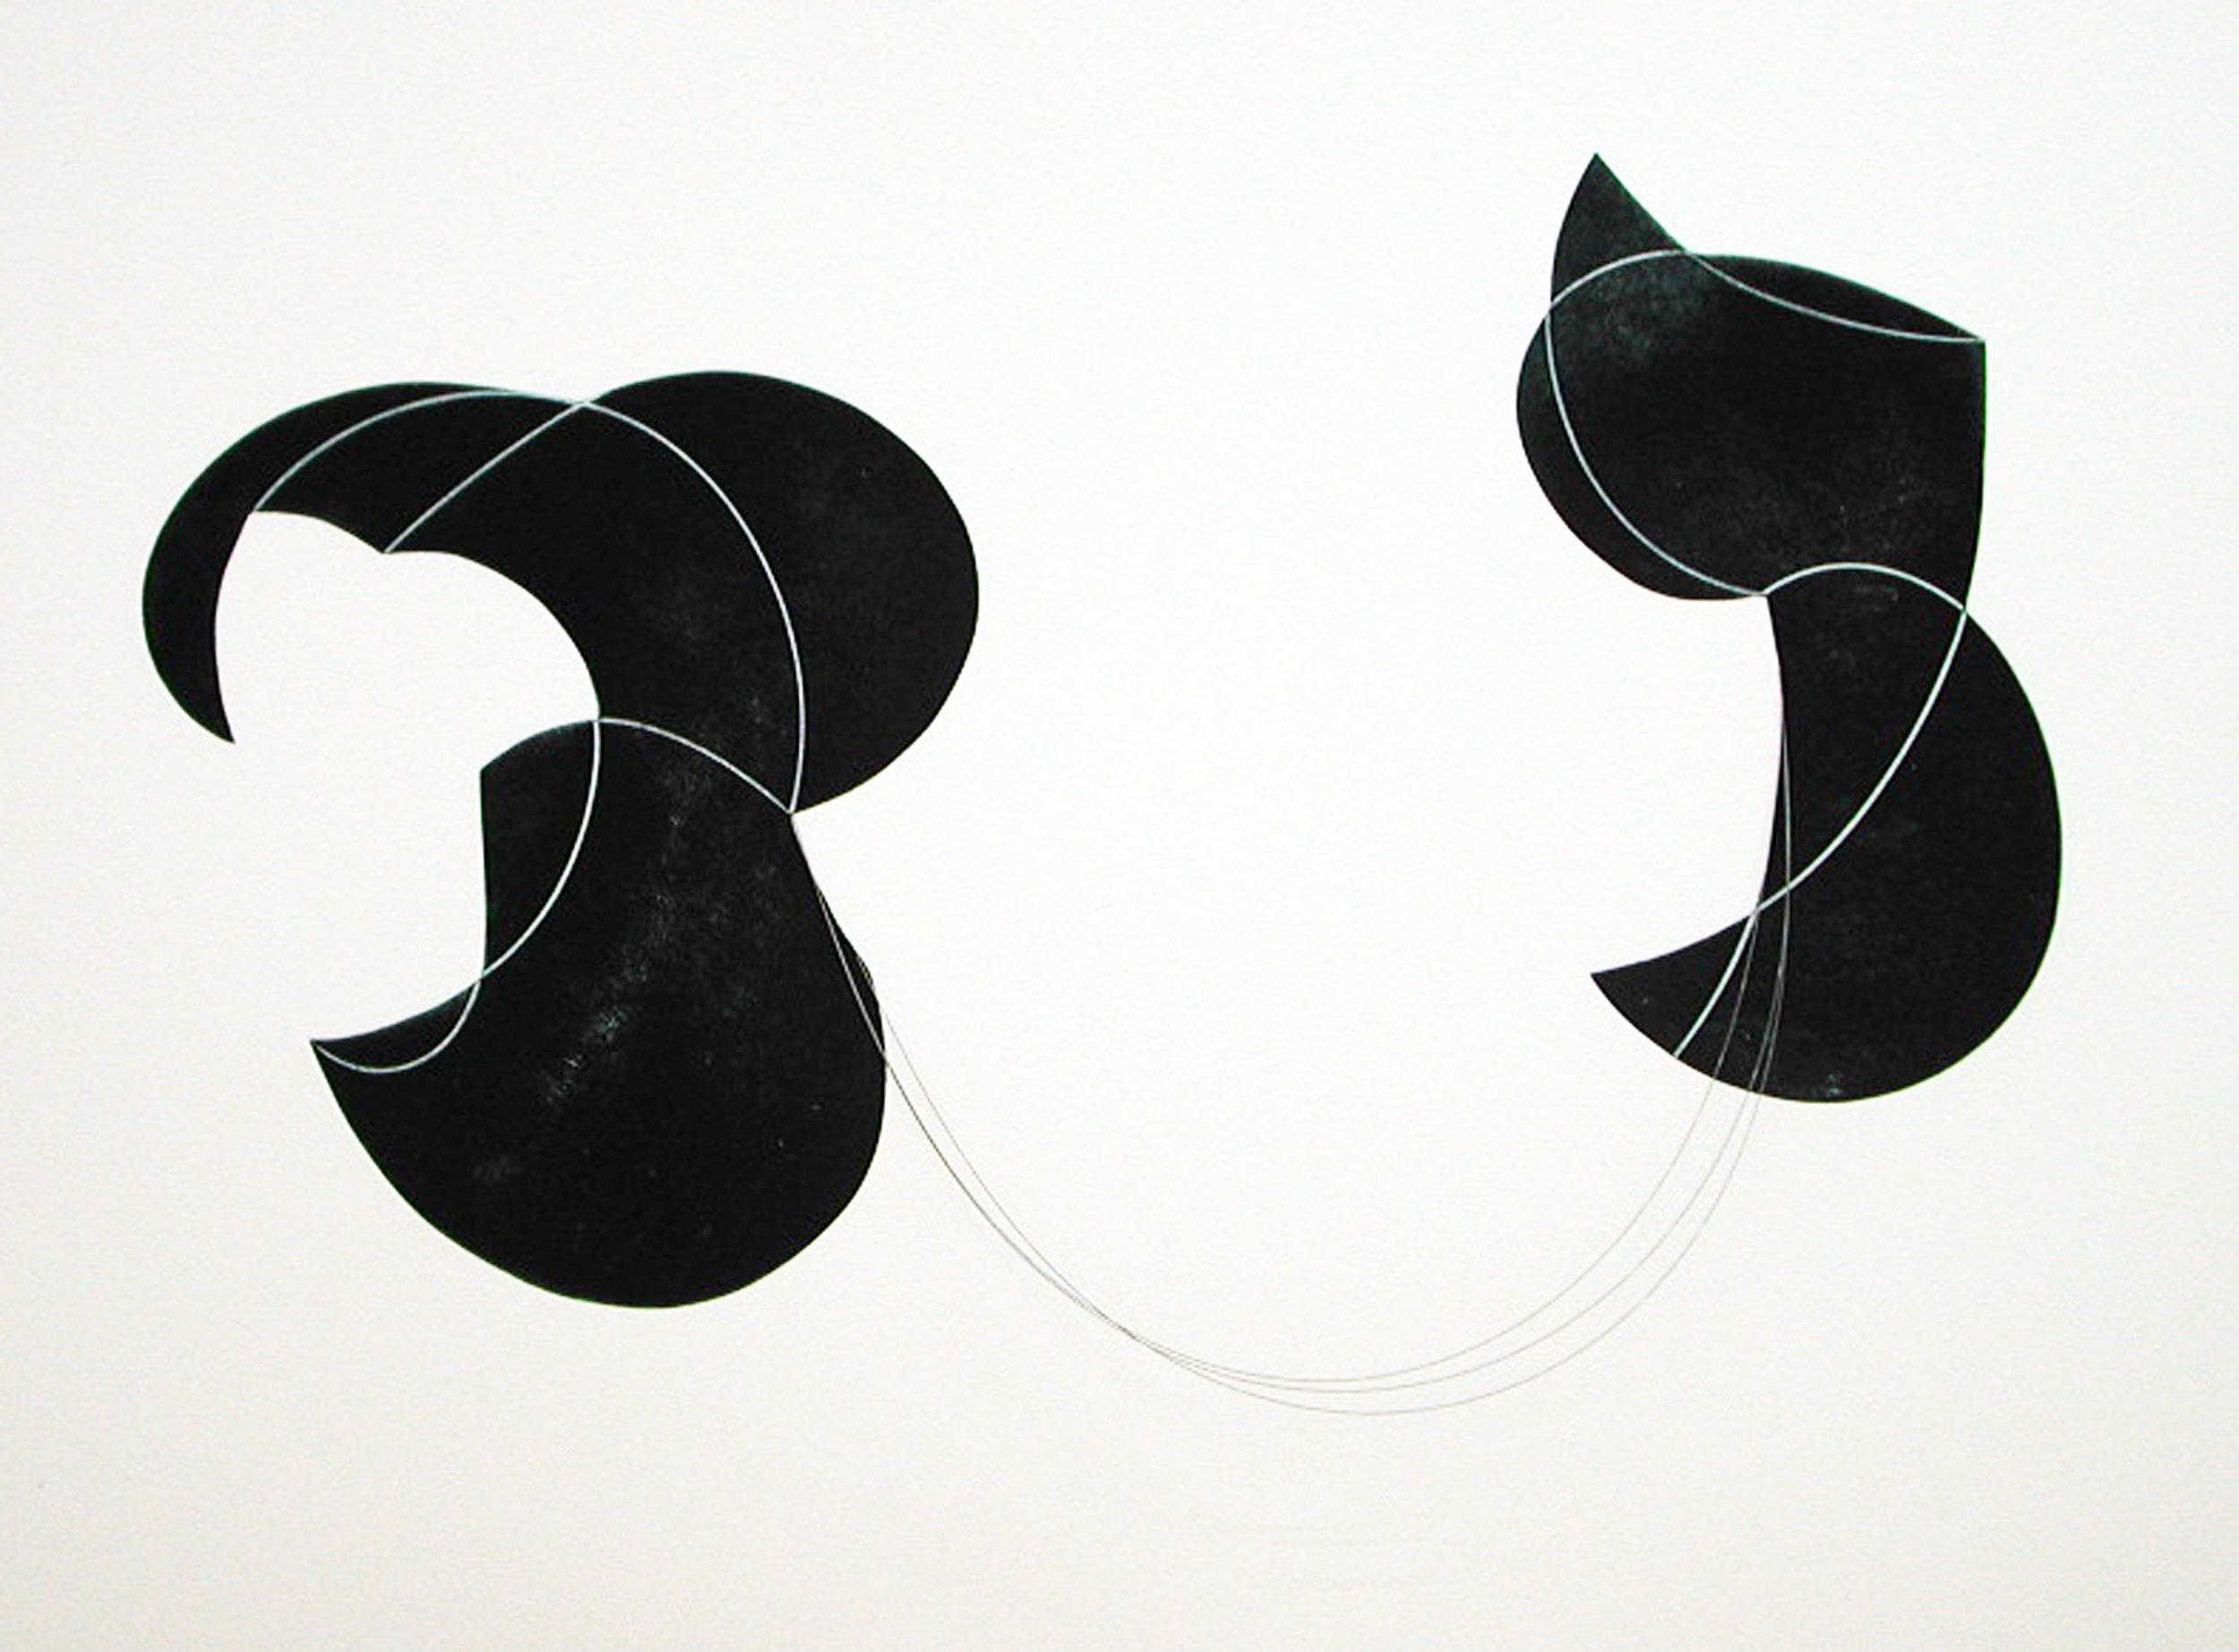 Umbilical, 2004